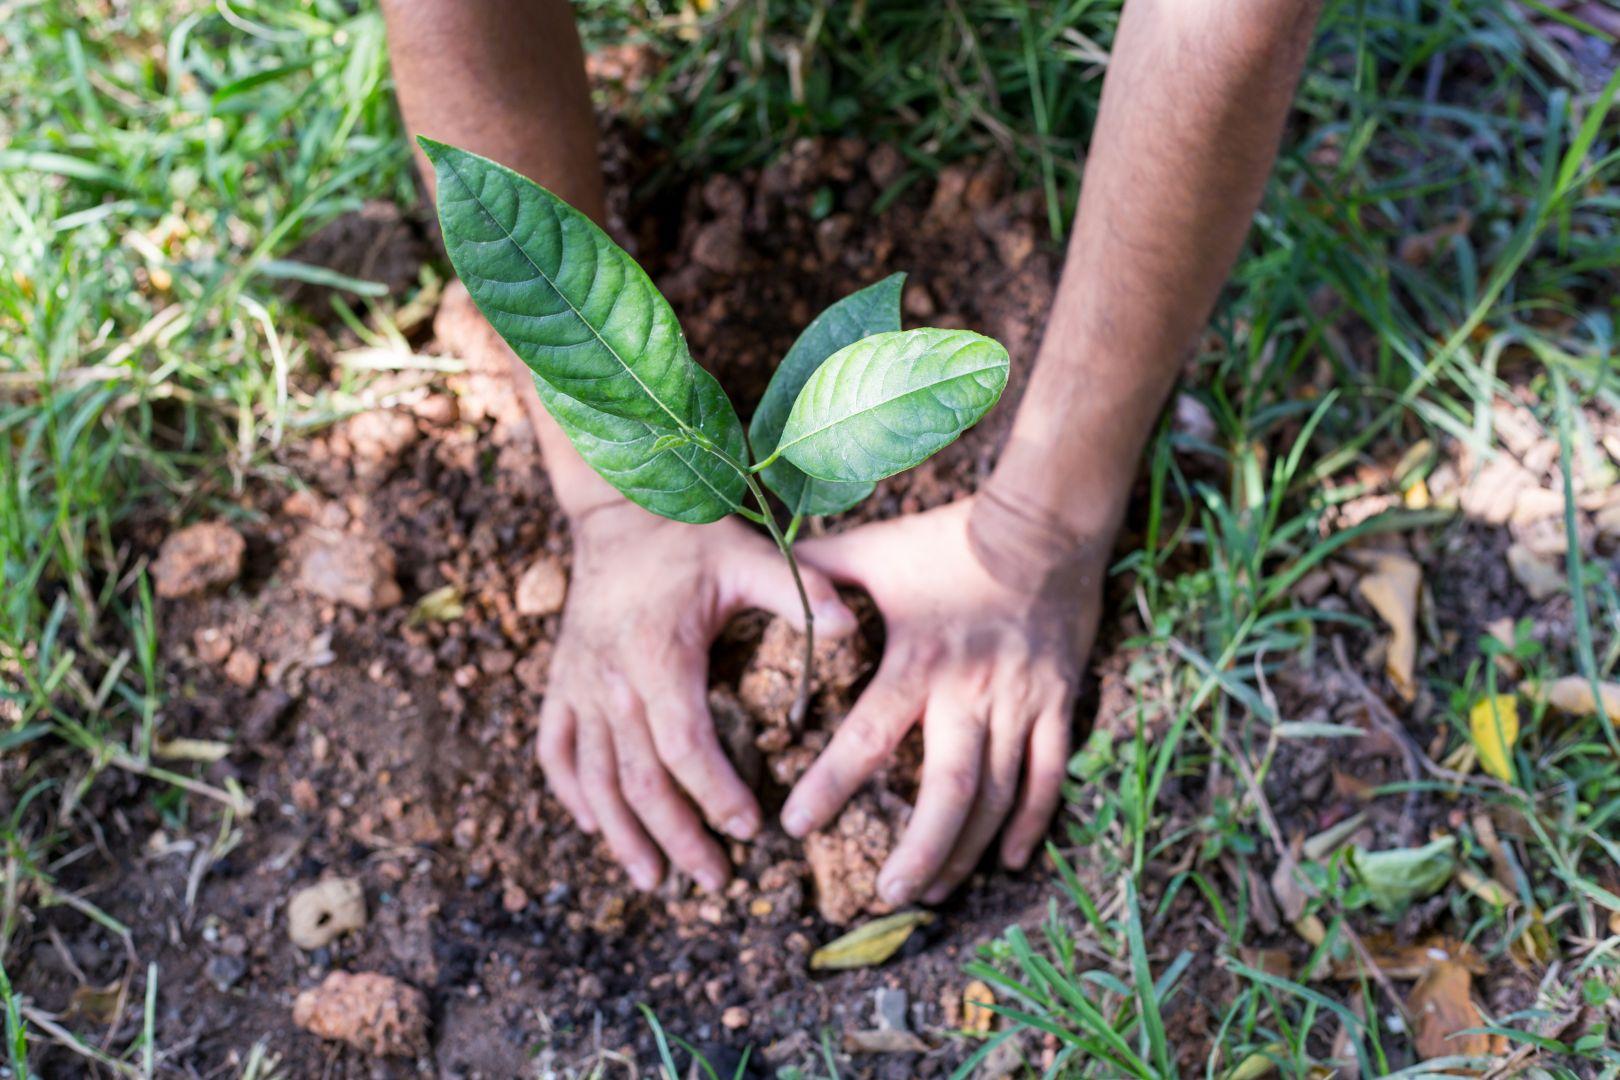 La Boite Immo adopte une attitude eco-responsable